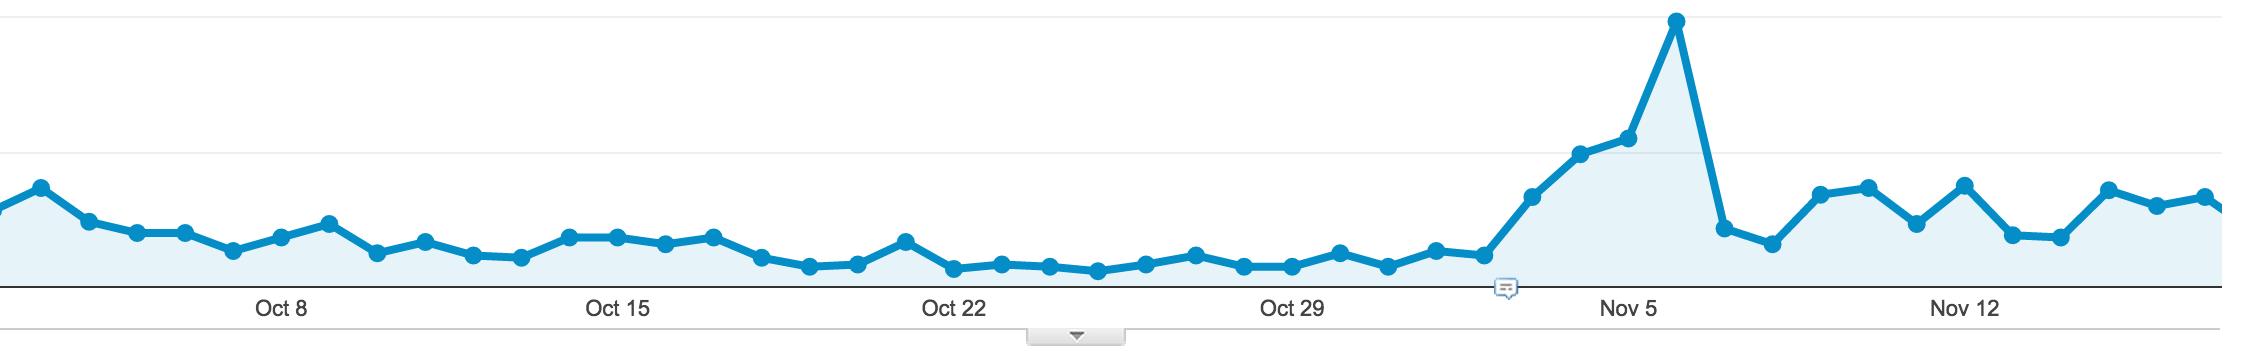 Screen Shot 2014-11-18 at 21.17.56